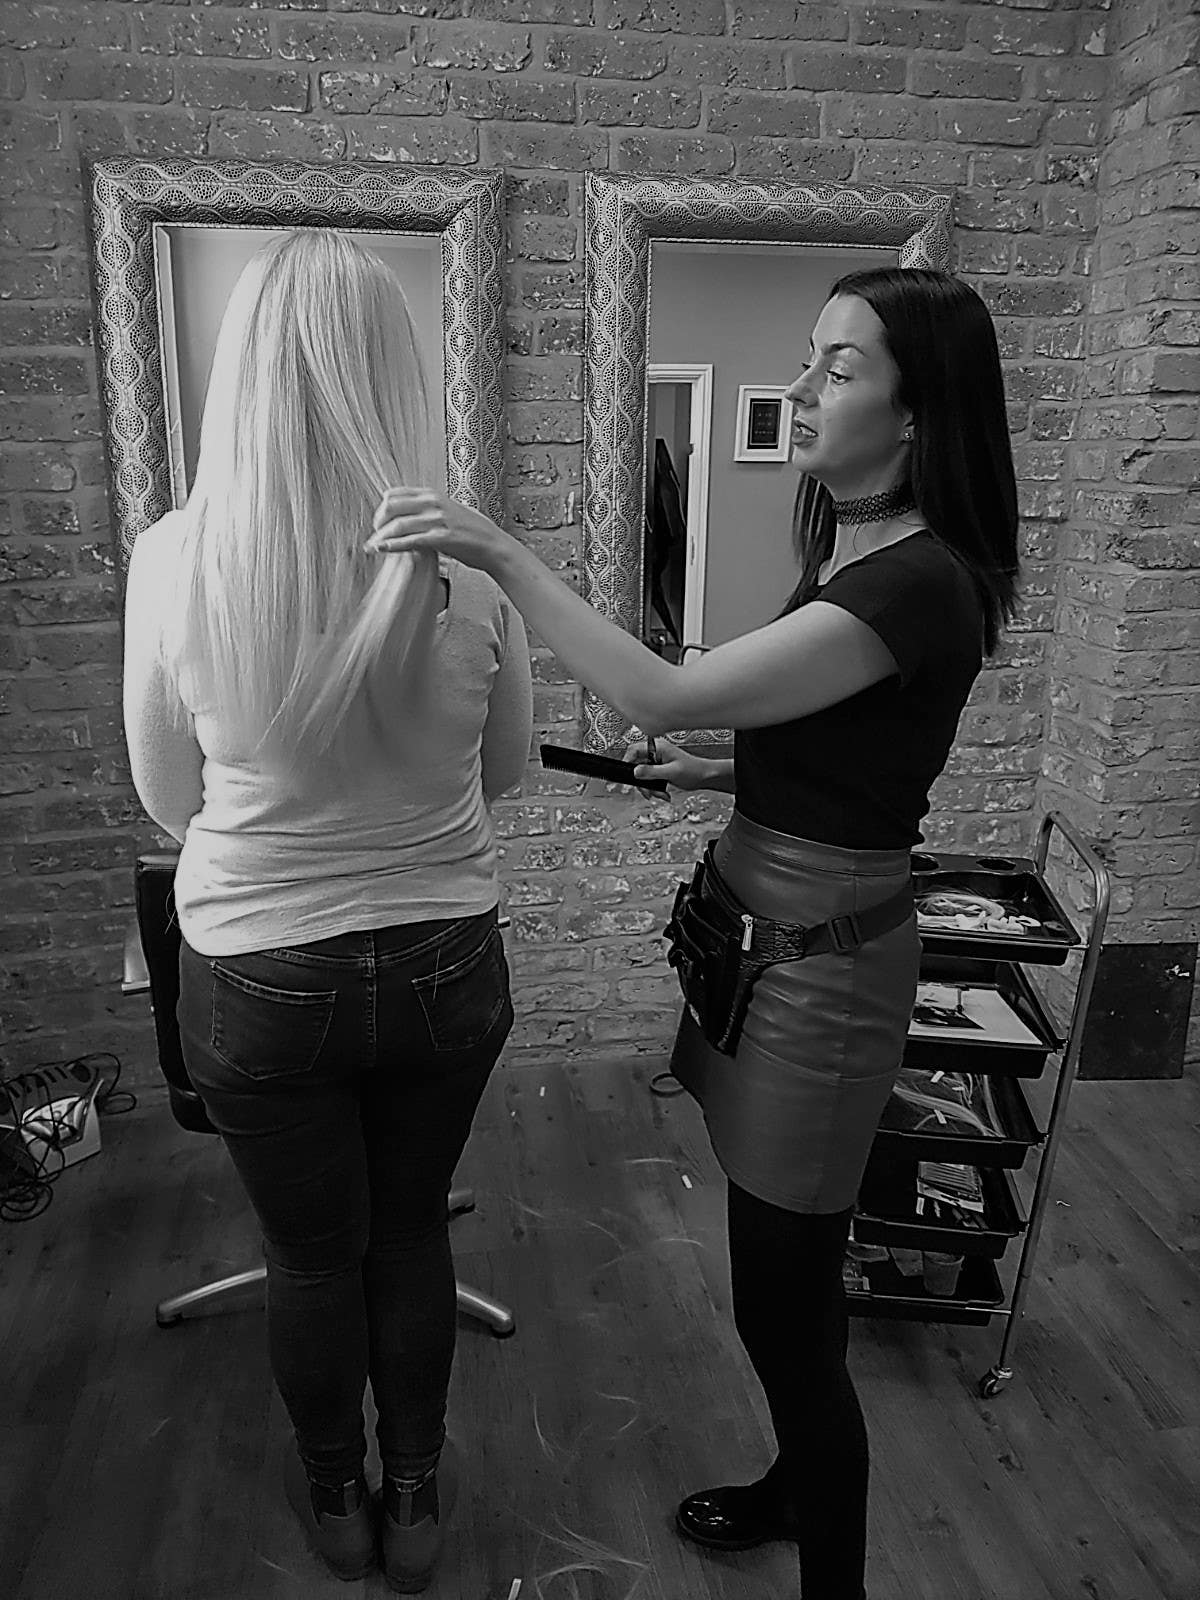 Tutor demonstrates hair extension installation